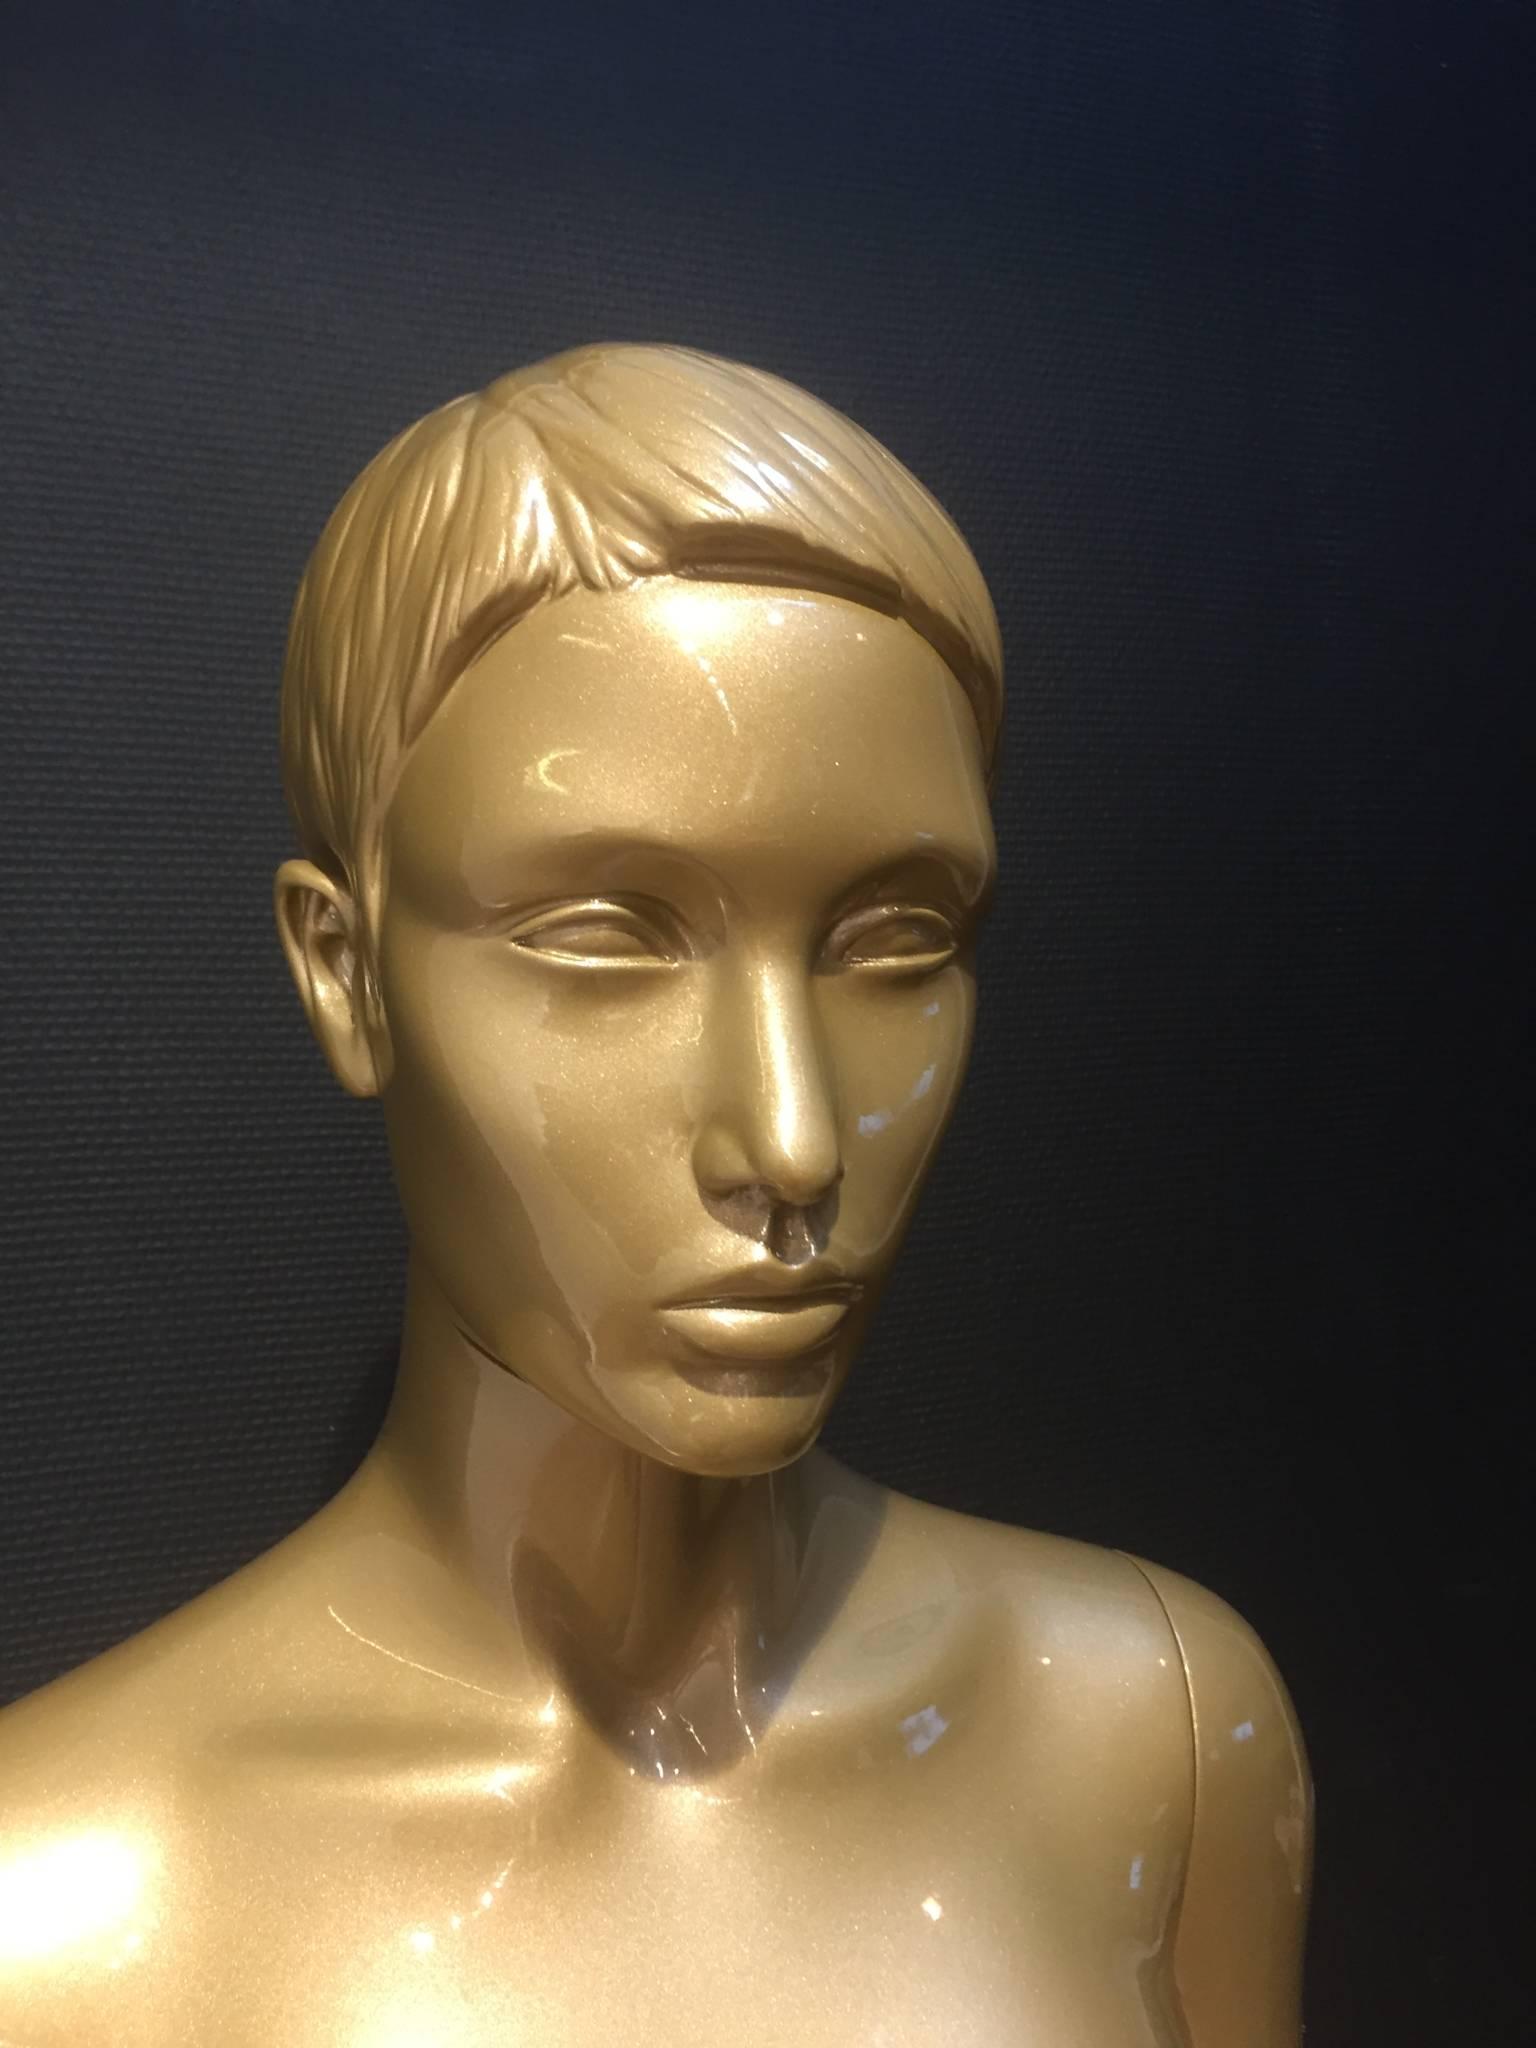 Eksklusivt udtryk - Guld mannequin